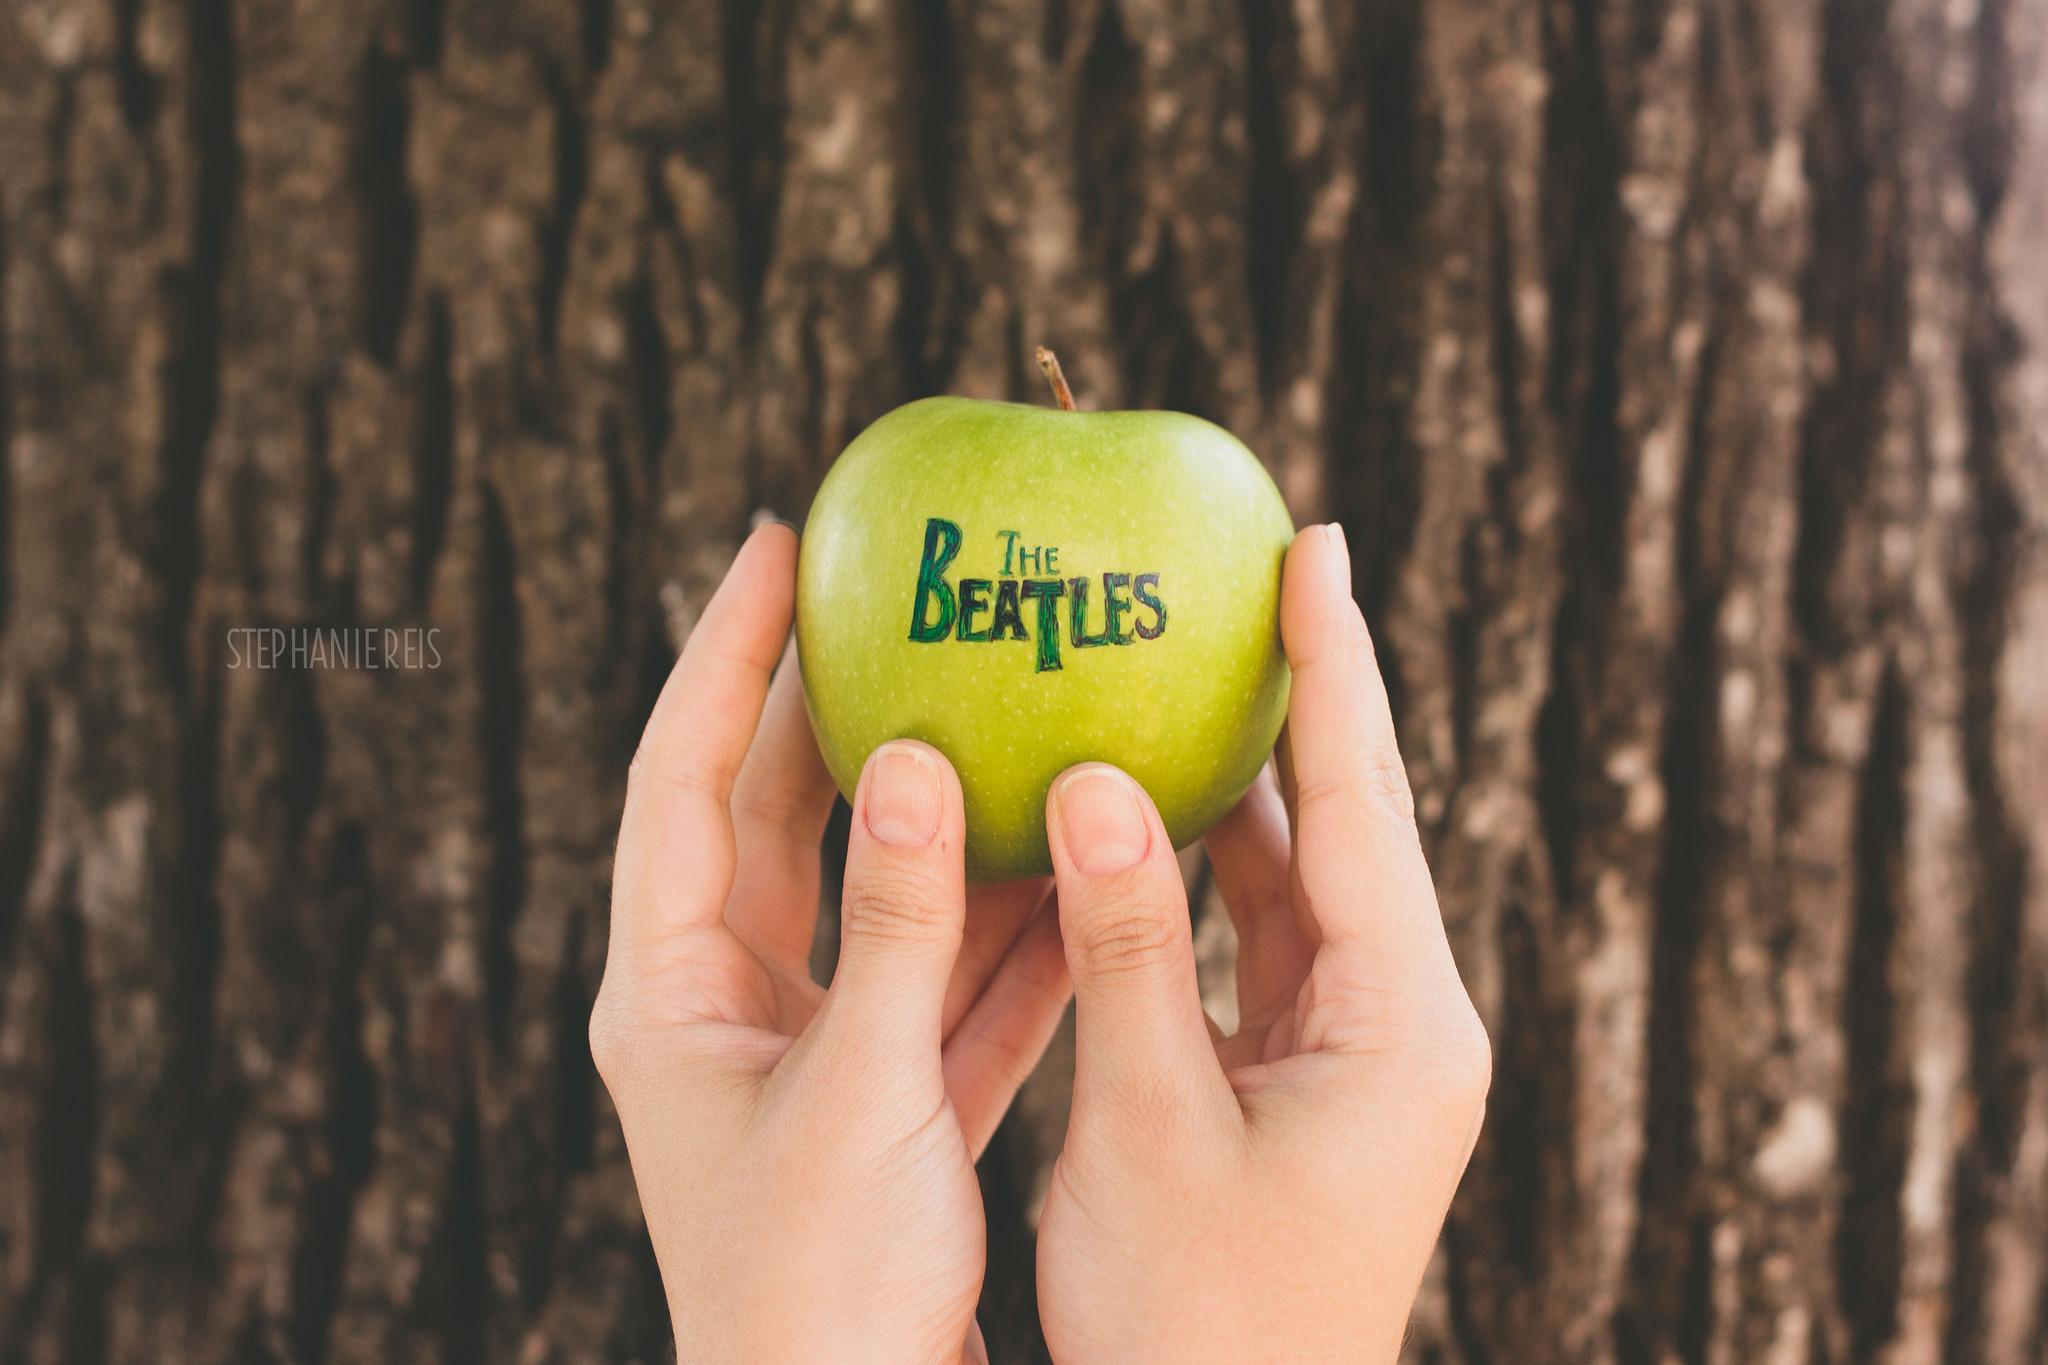 La manzana de Los Beatles - 2048x1365